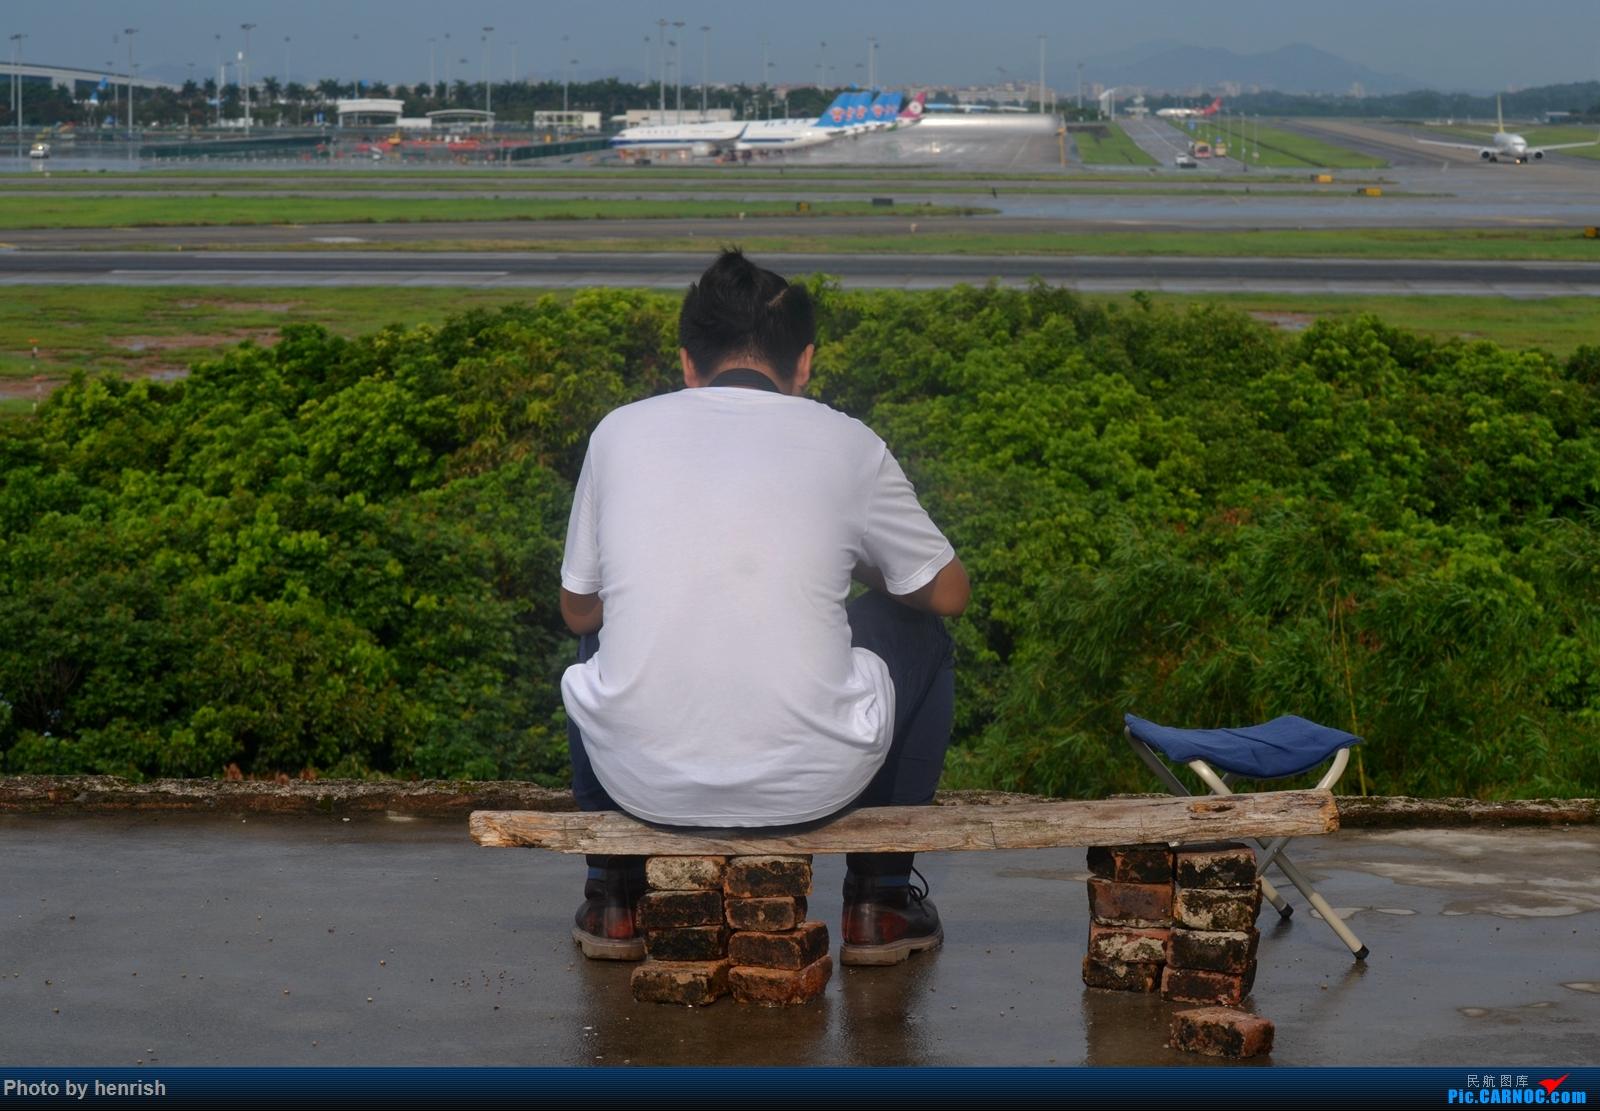 [原创]【肥威的CAN】5月后半,雨季期间广州好货若干。【 广东青少年拍机小队】【广州,你好!】     飞友